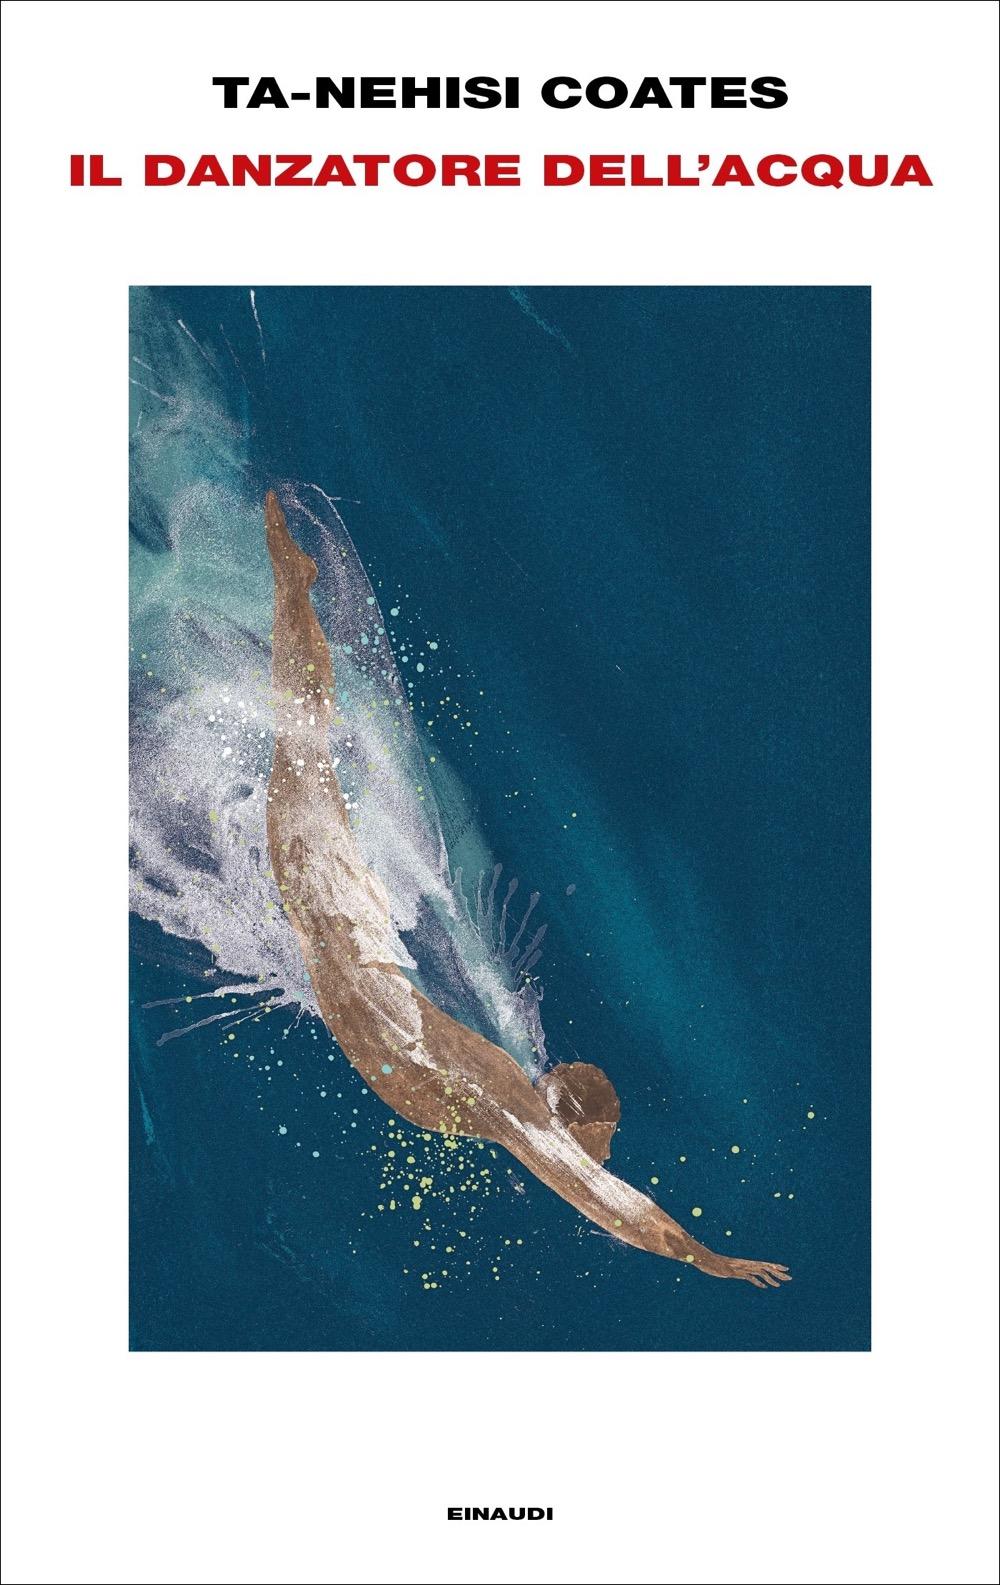 Il danzatore dell'acqua